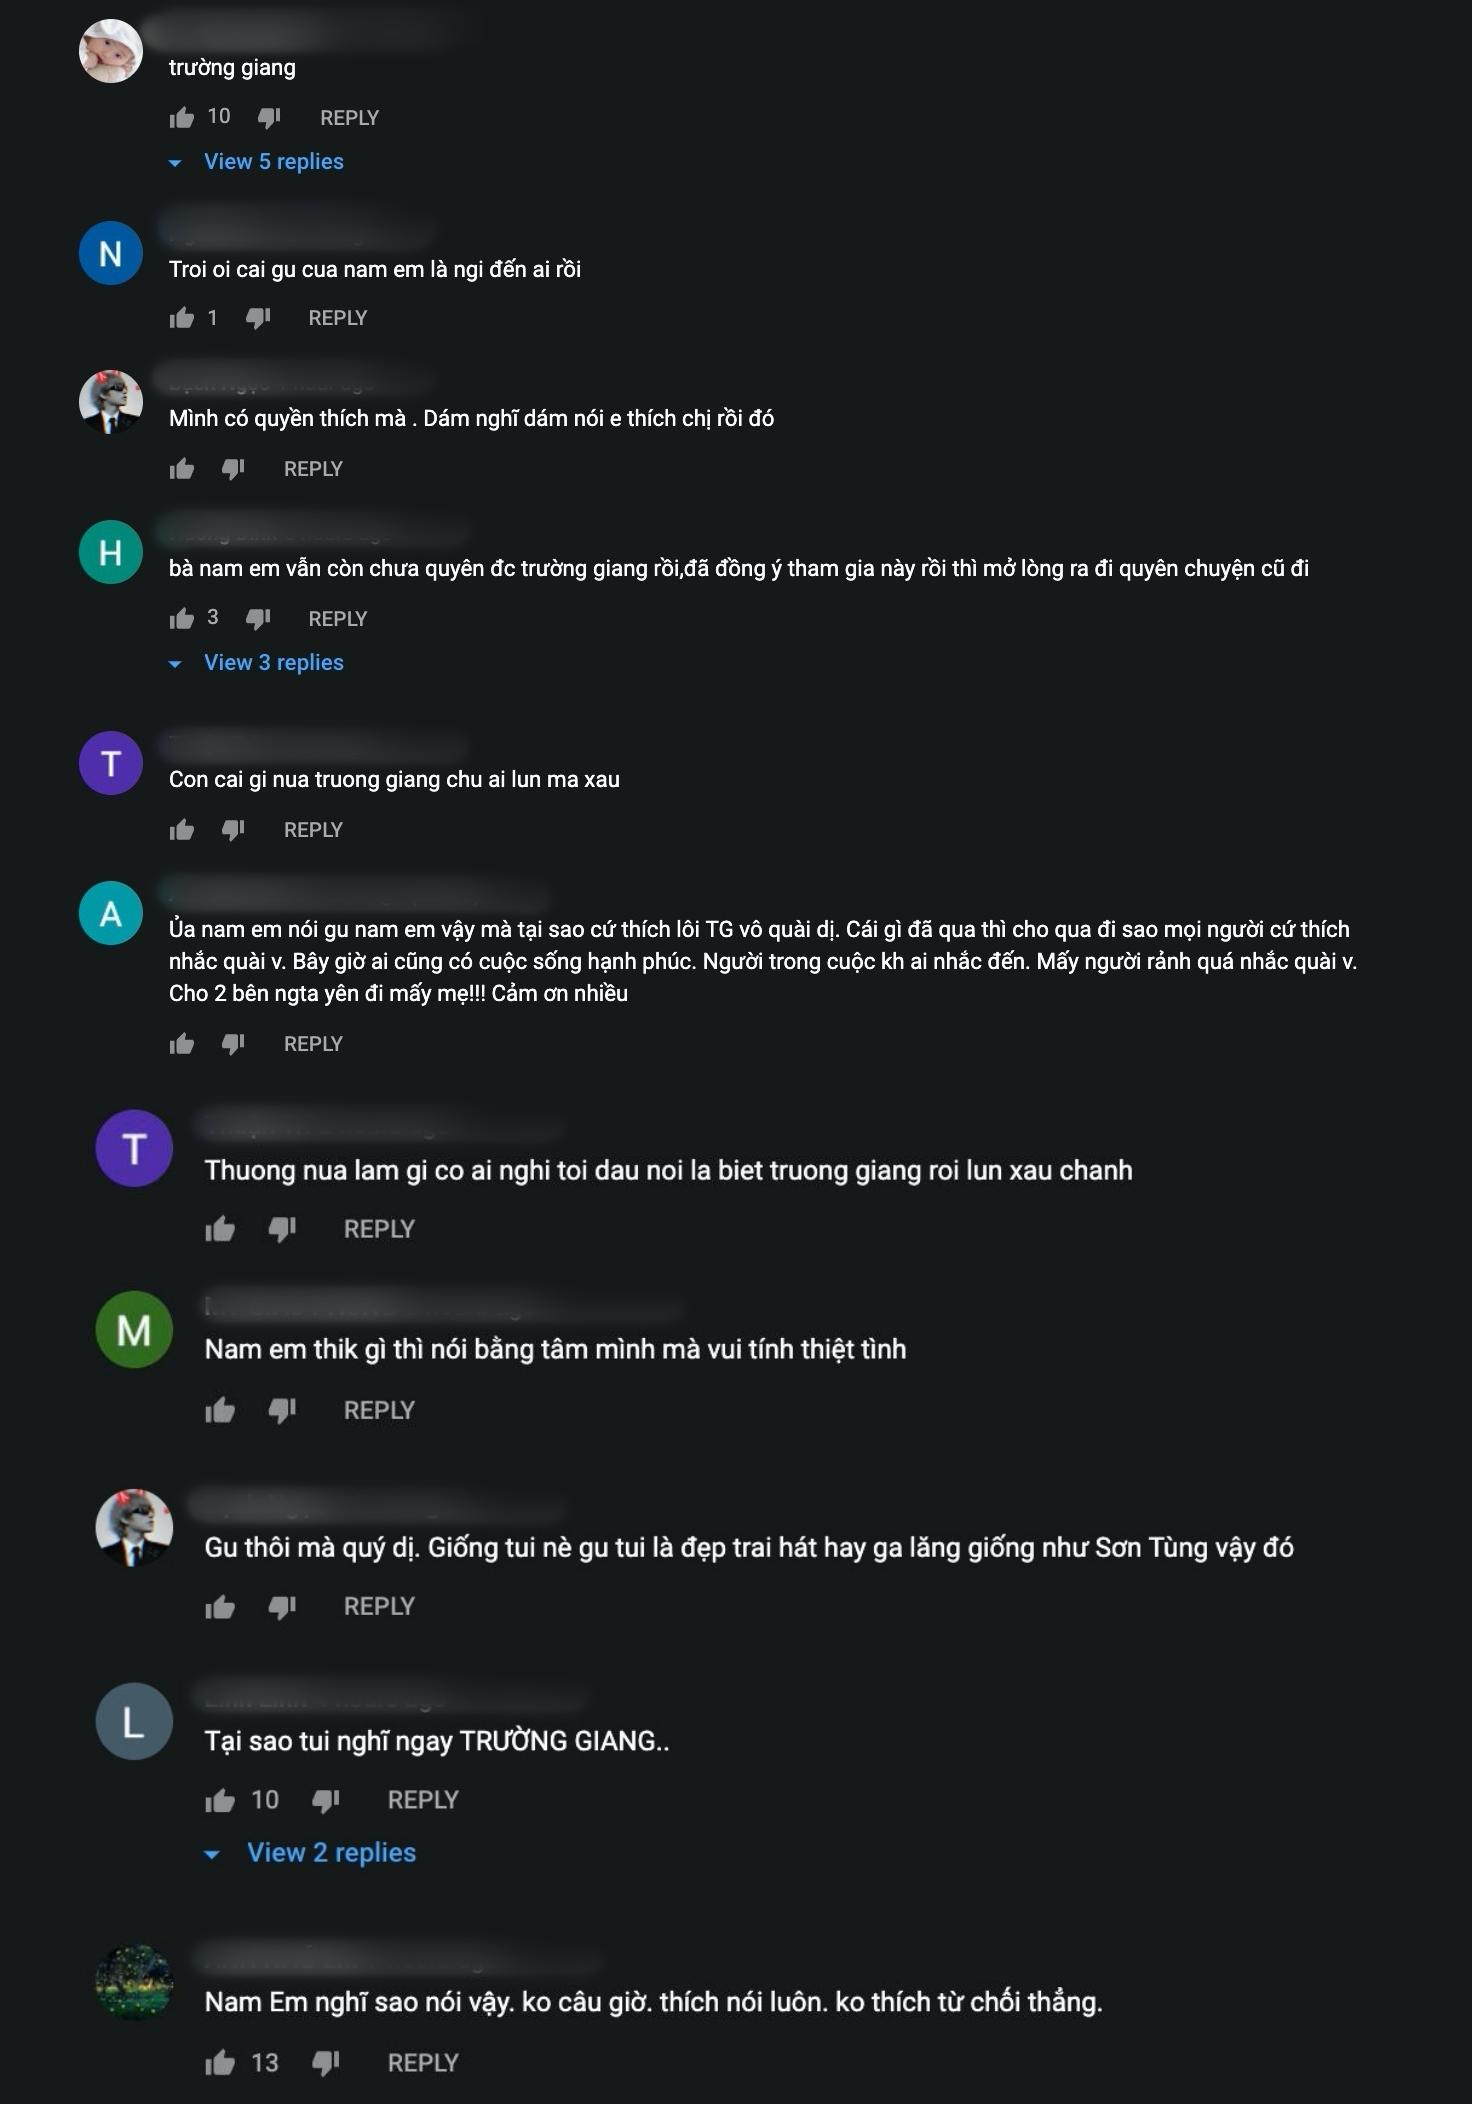 Rất nhiều bình luận đều đề cập đến Trường Giang.